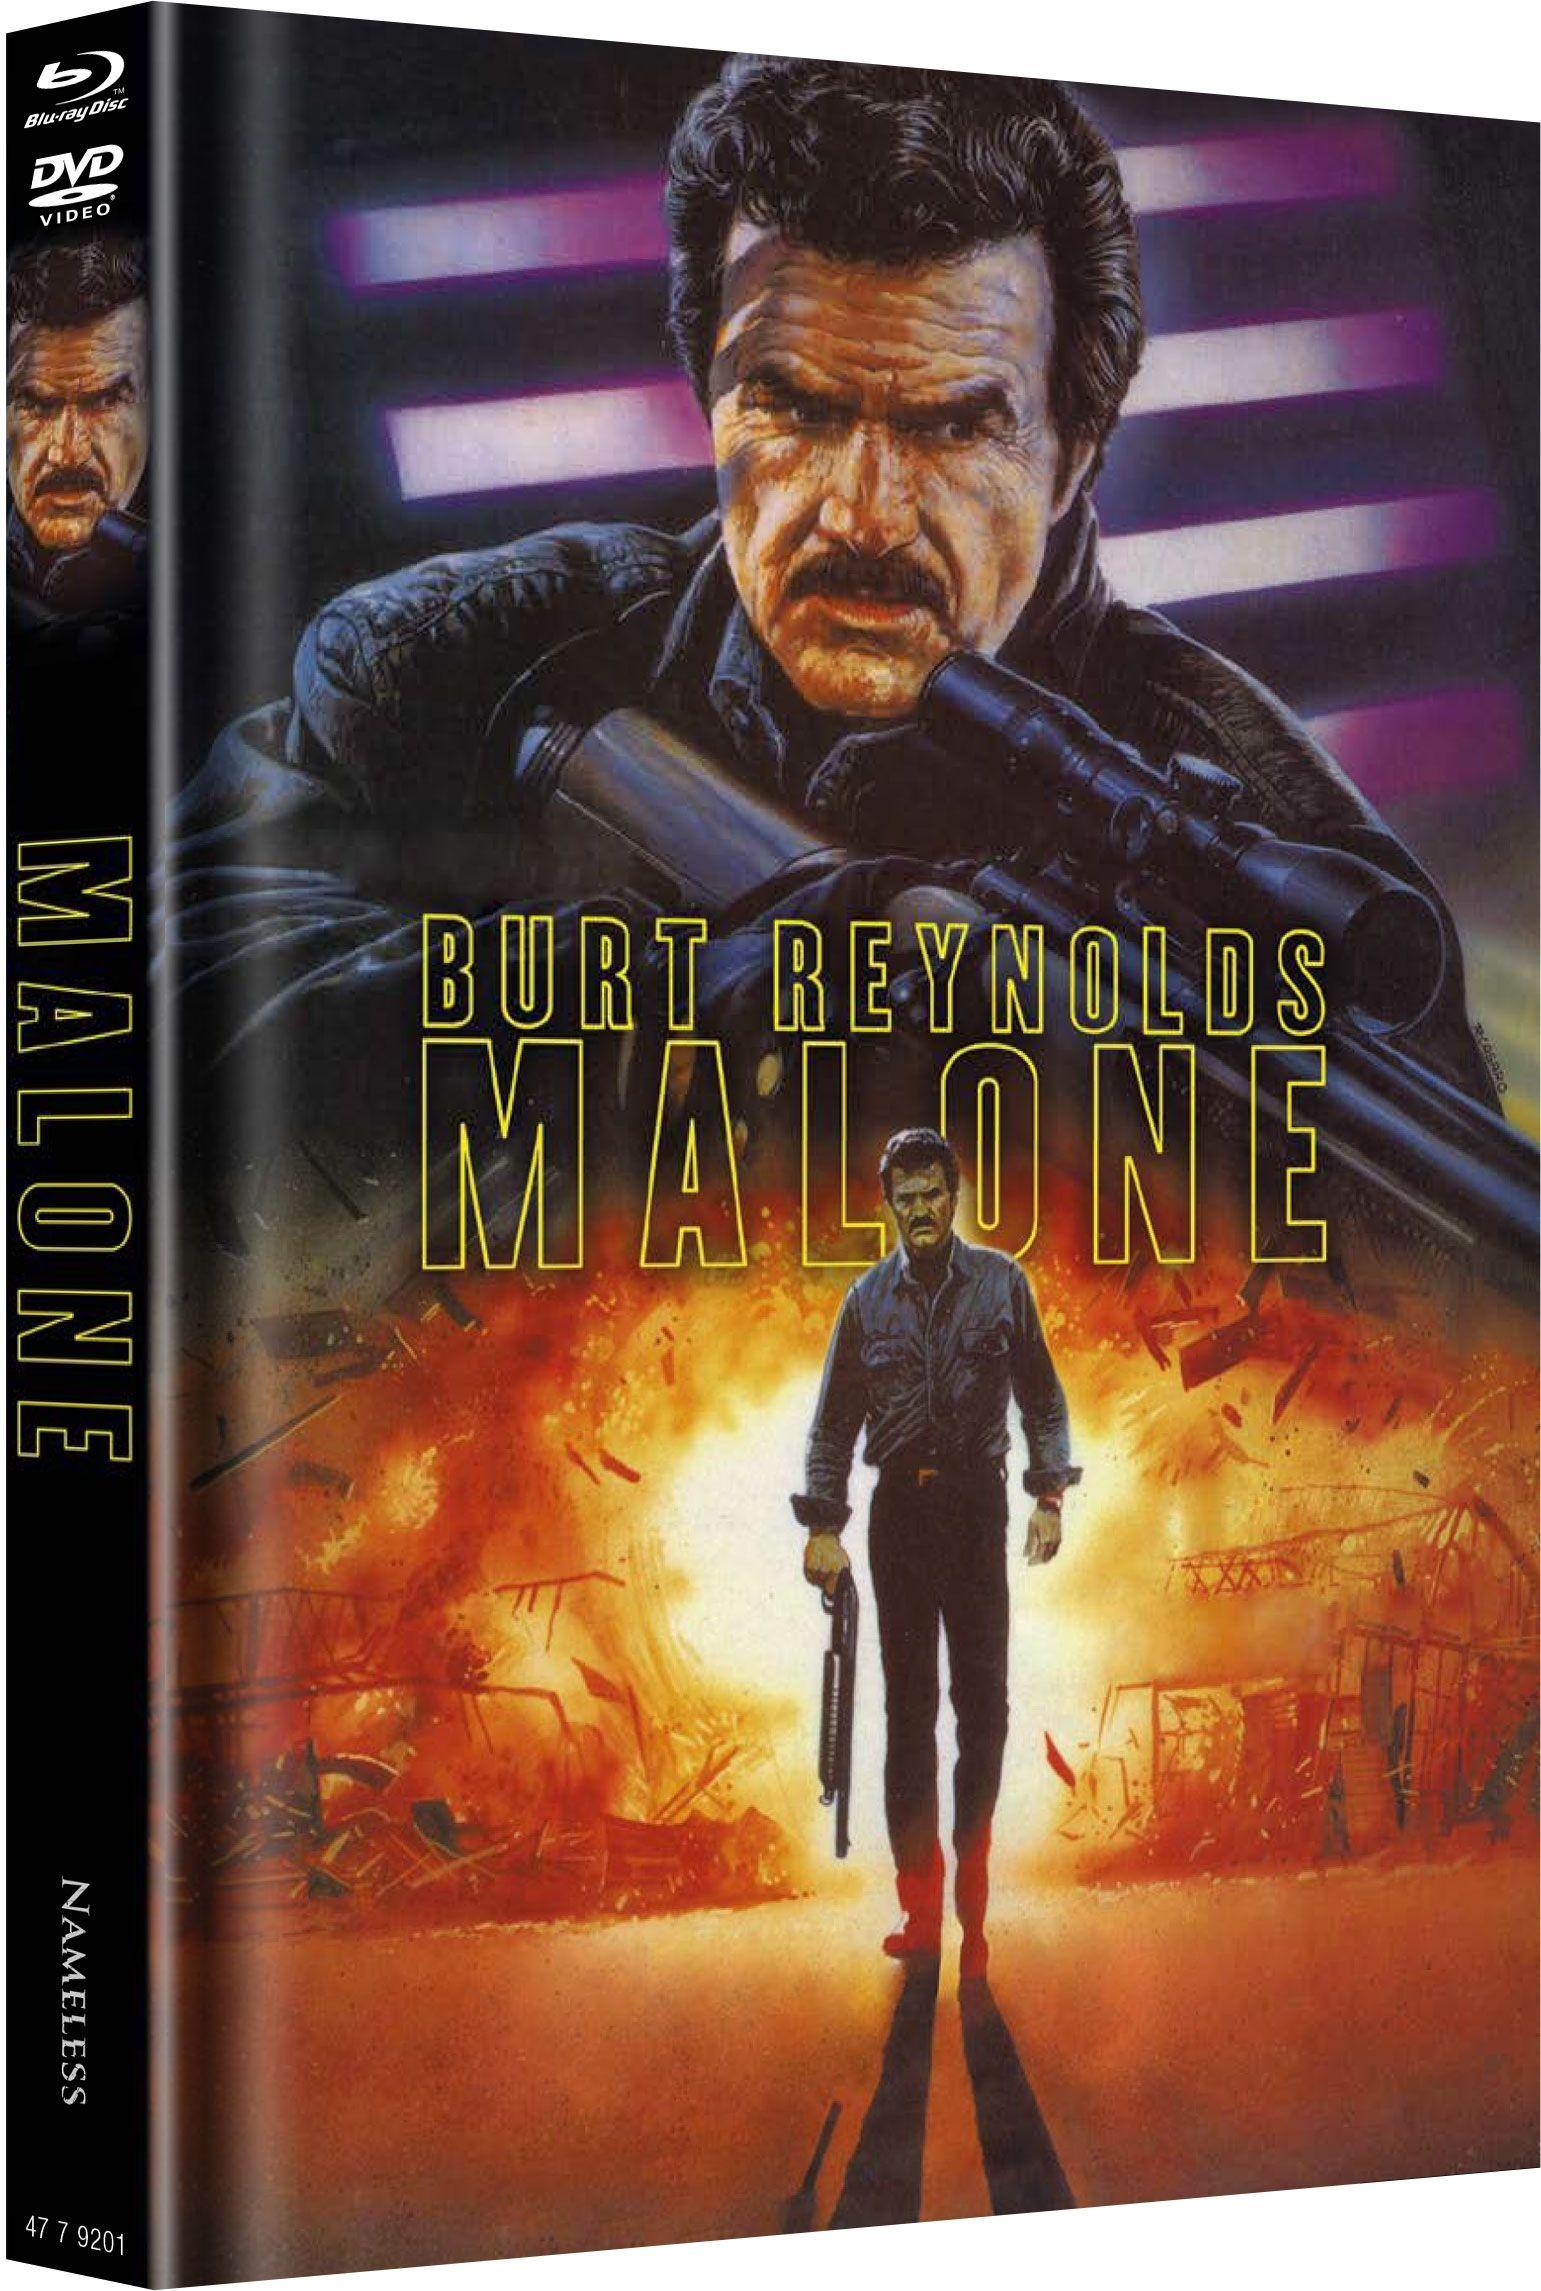 Malone - Nichts wird ihn aufhalten können (Lim. Uncut Mediabook - Cover A) (DVD + BLURAY)